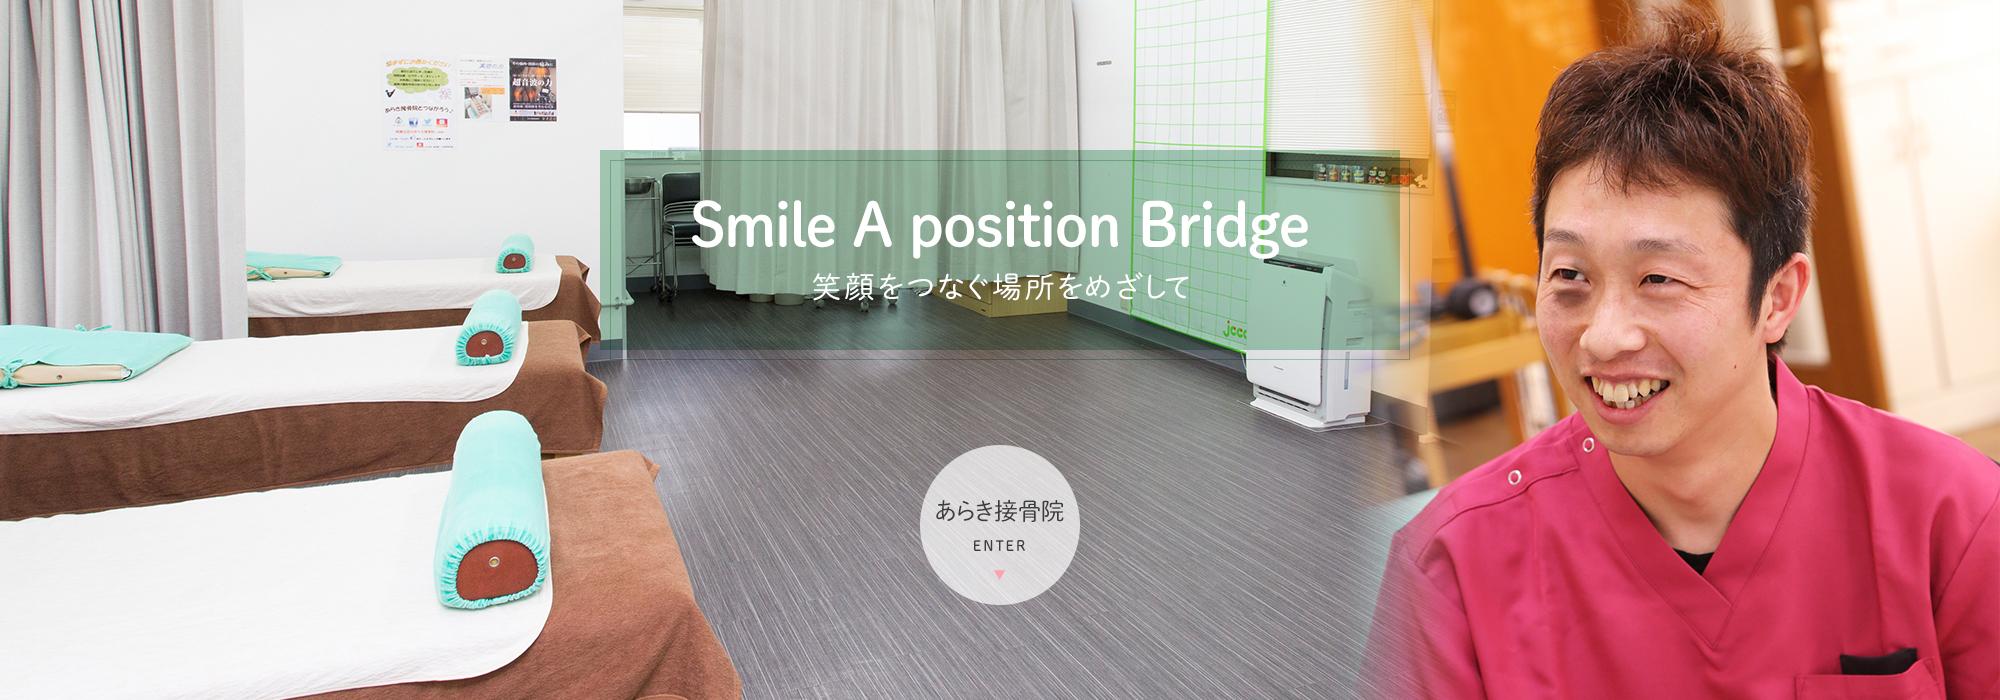 Smile A position Bridge 笑顔をつなぐ場所をめざして あらき接骨院 ENTER